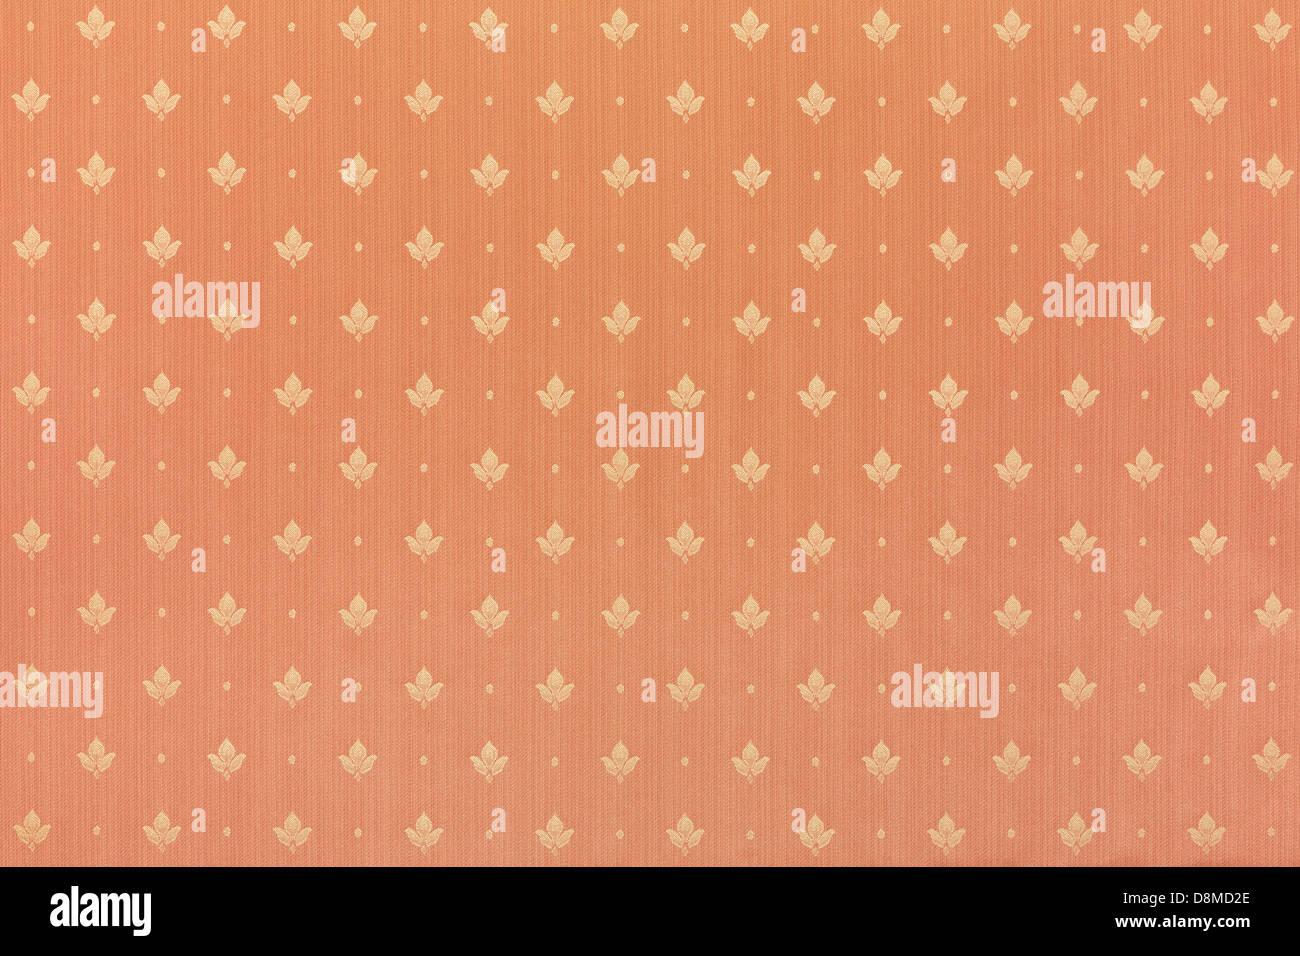 Astratto floreale marrone texture di sfondo BACKGROUND Immagini Stock